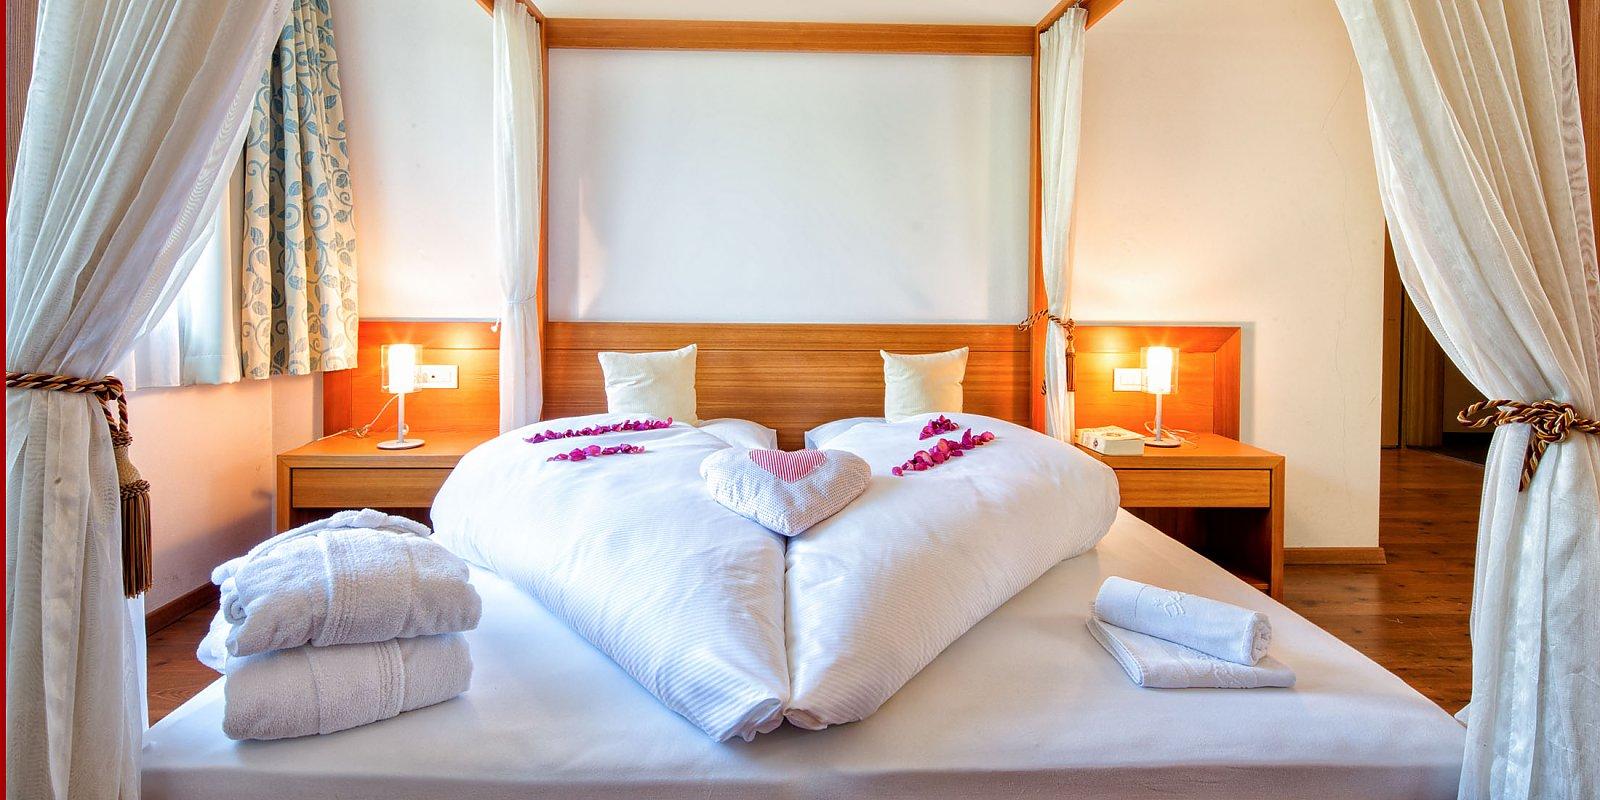 Zimmer suiten hotel sudtirol 4 sterne zimmer for Whirlpool garten mit hotel mit whirlpool auf balkon südtirol